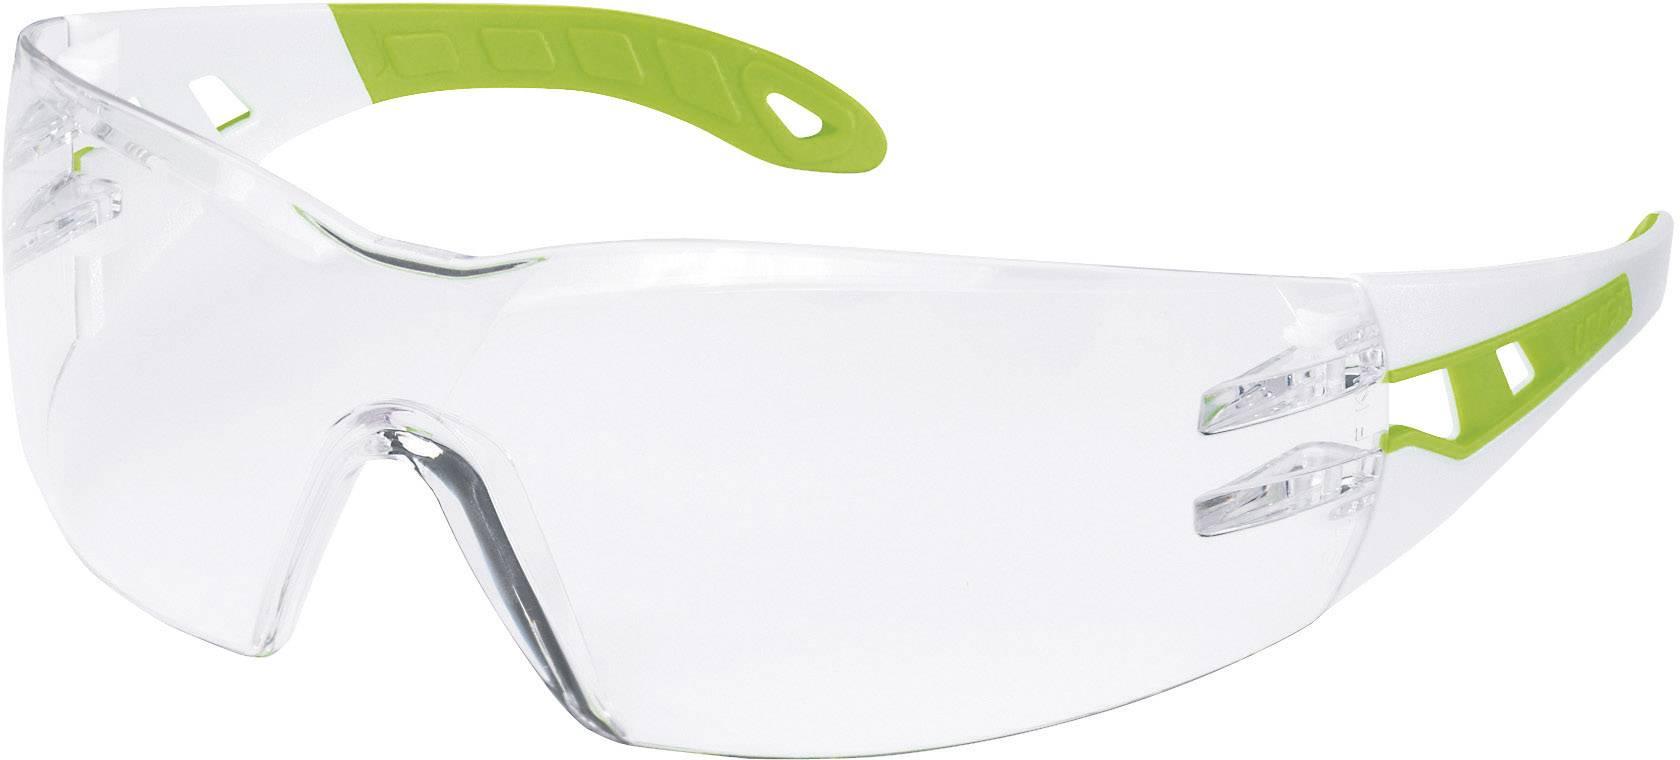 Ochranné brýle Uvex Pheos, 9192725, transparentní